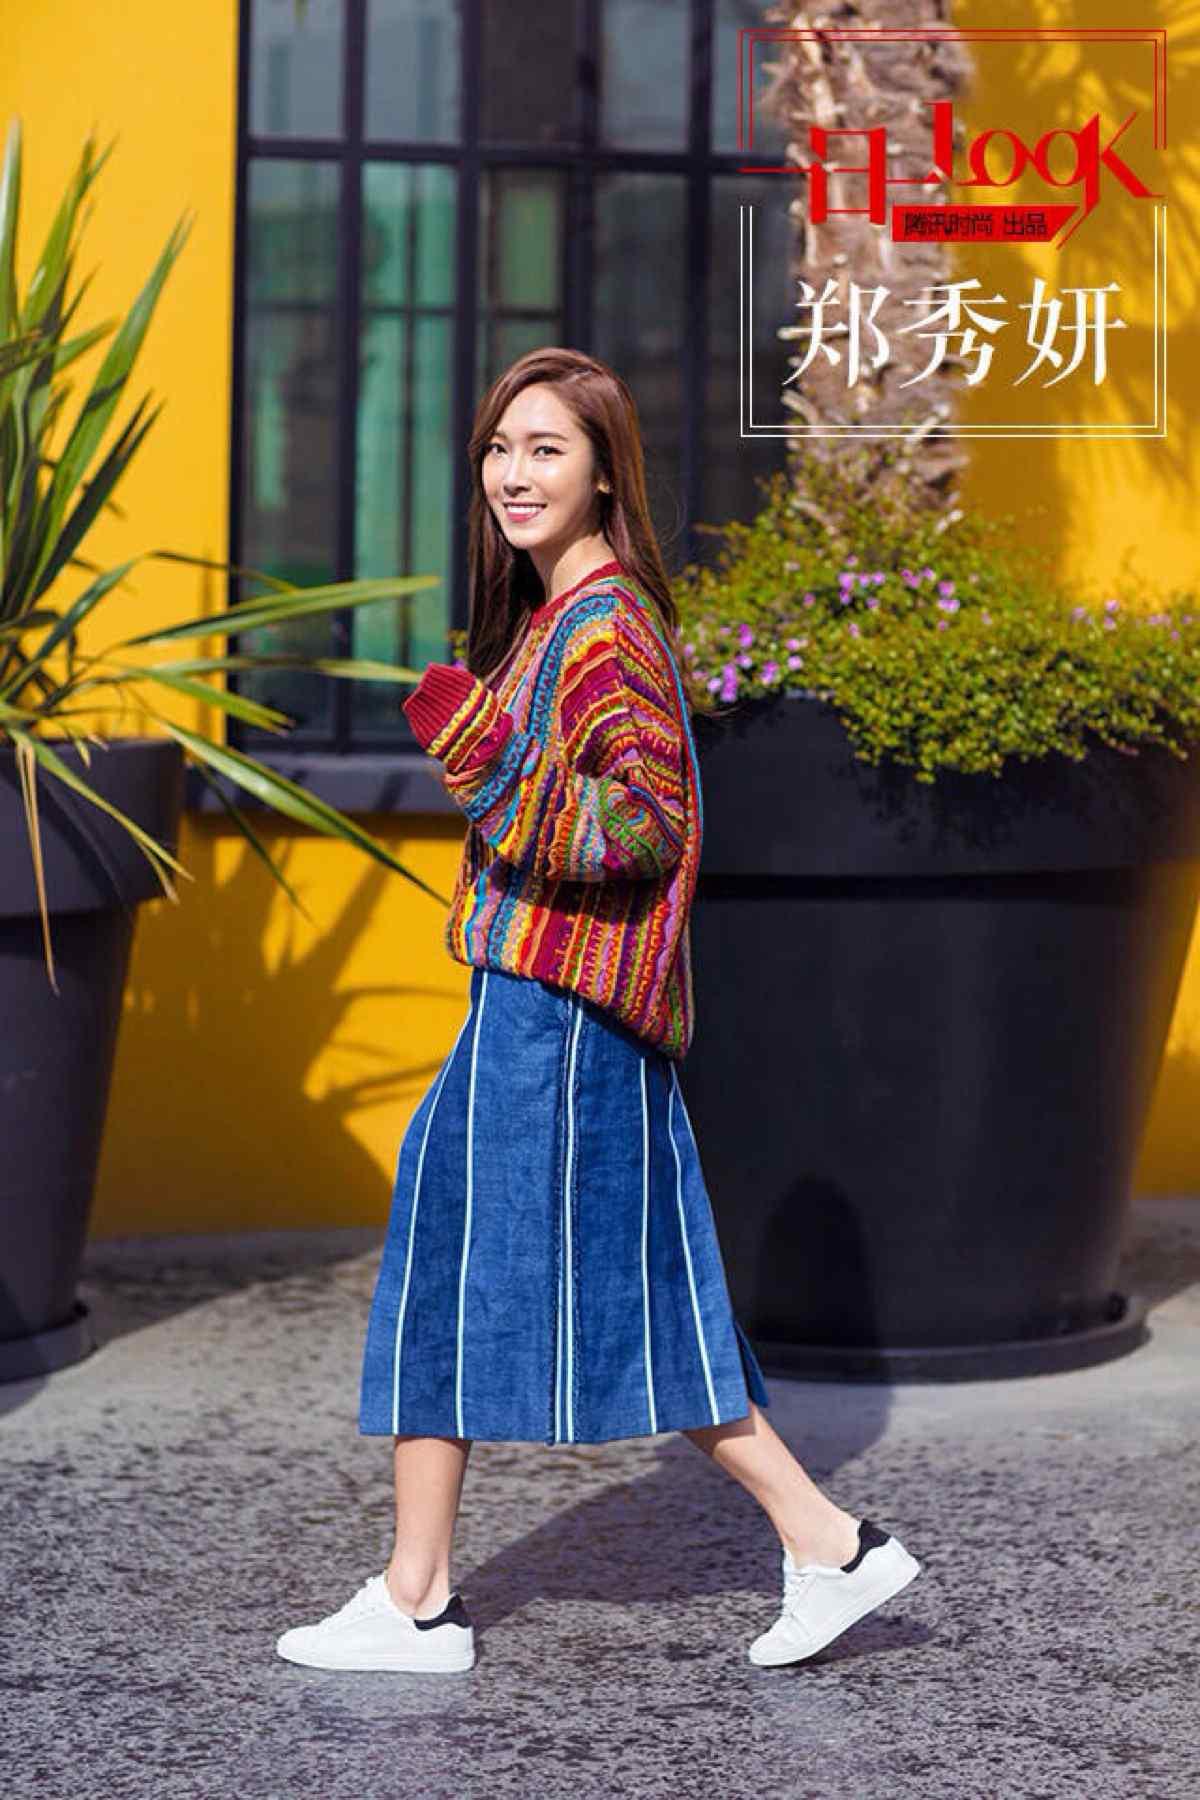 郑秀妍时尚写真图片手机壁纸第七辑(5张)